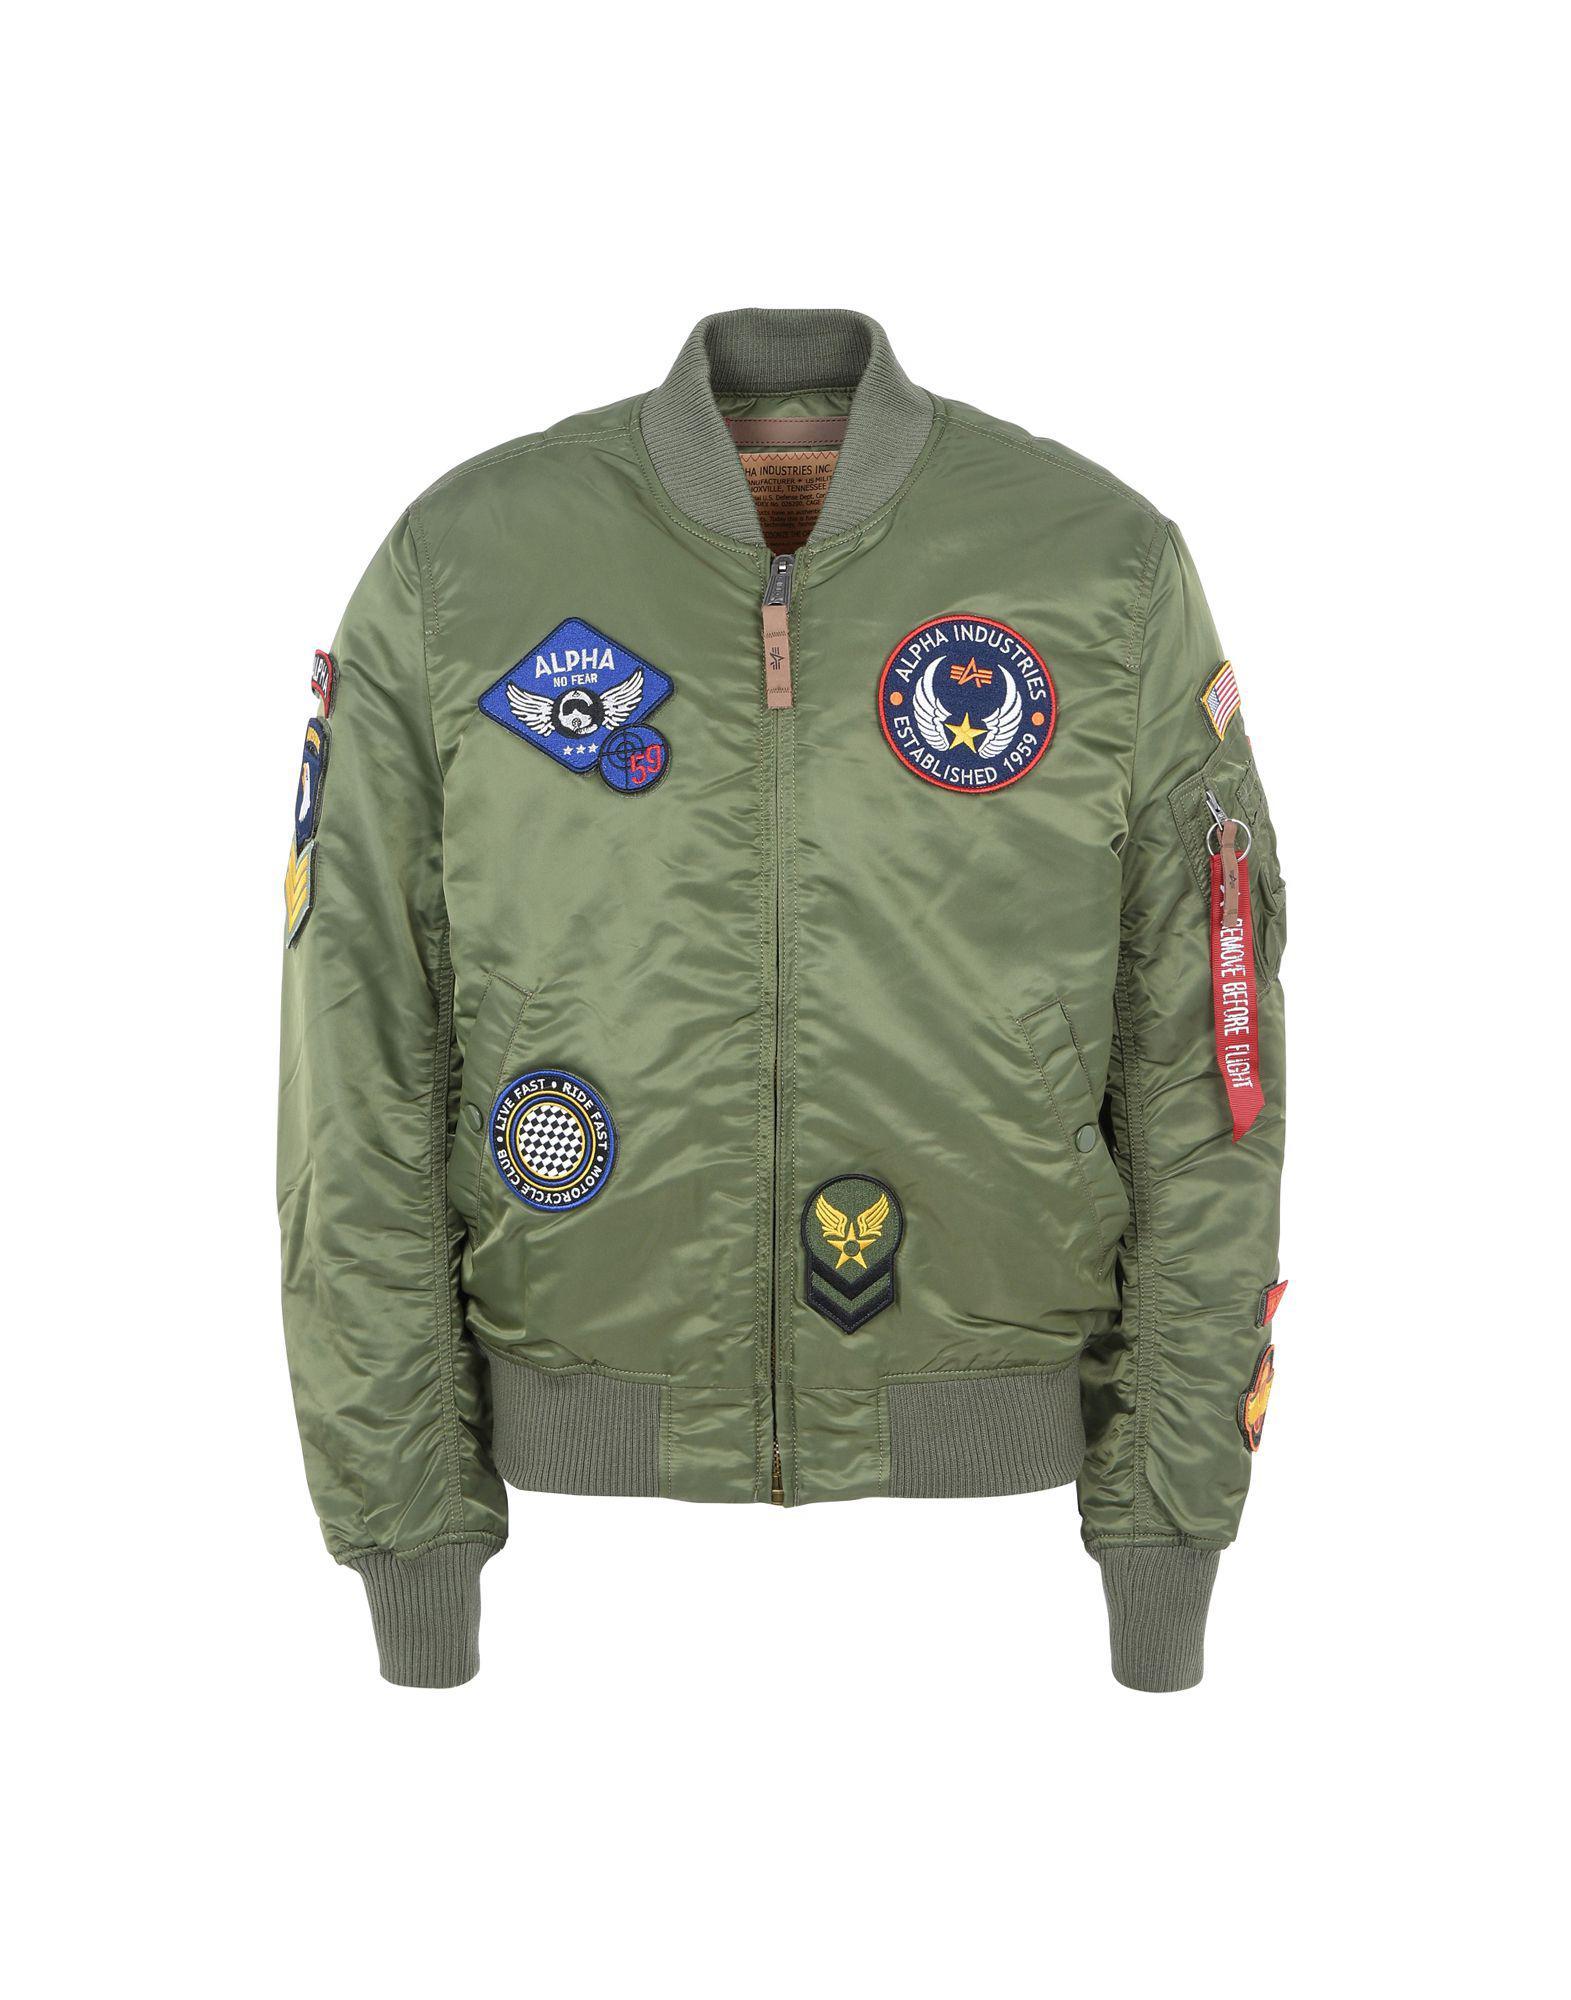 Alpha industries jacket 1959